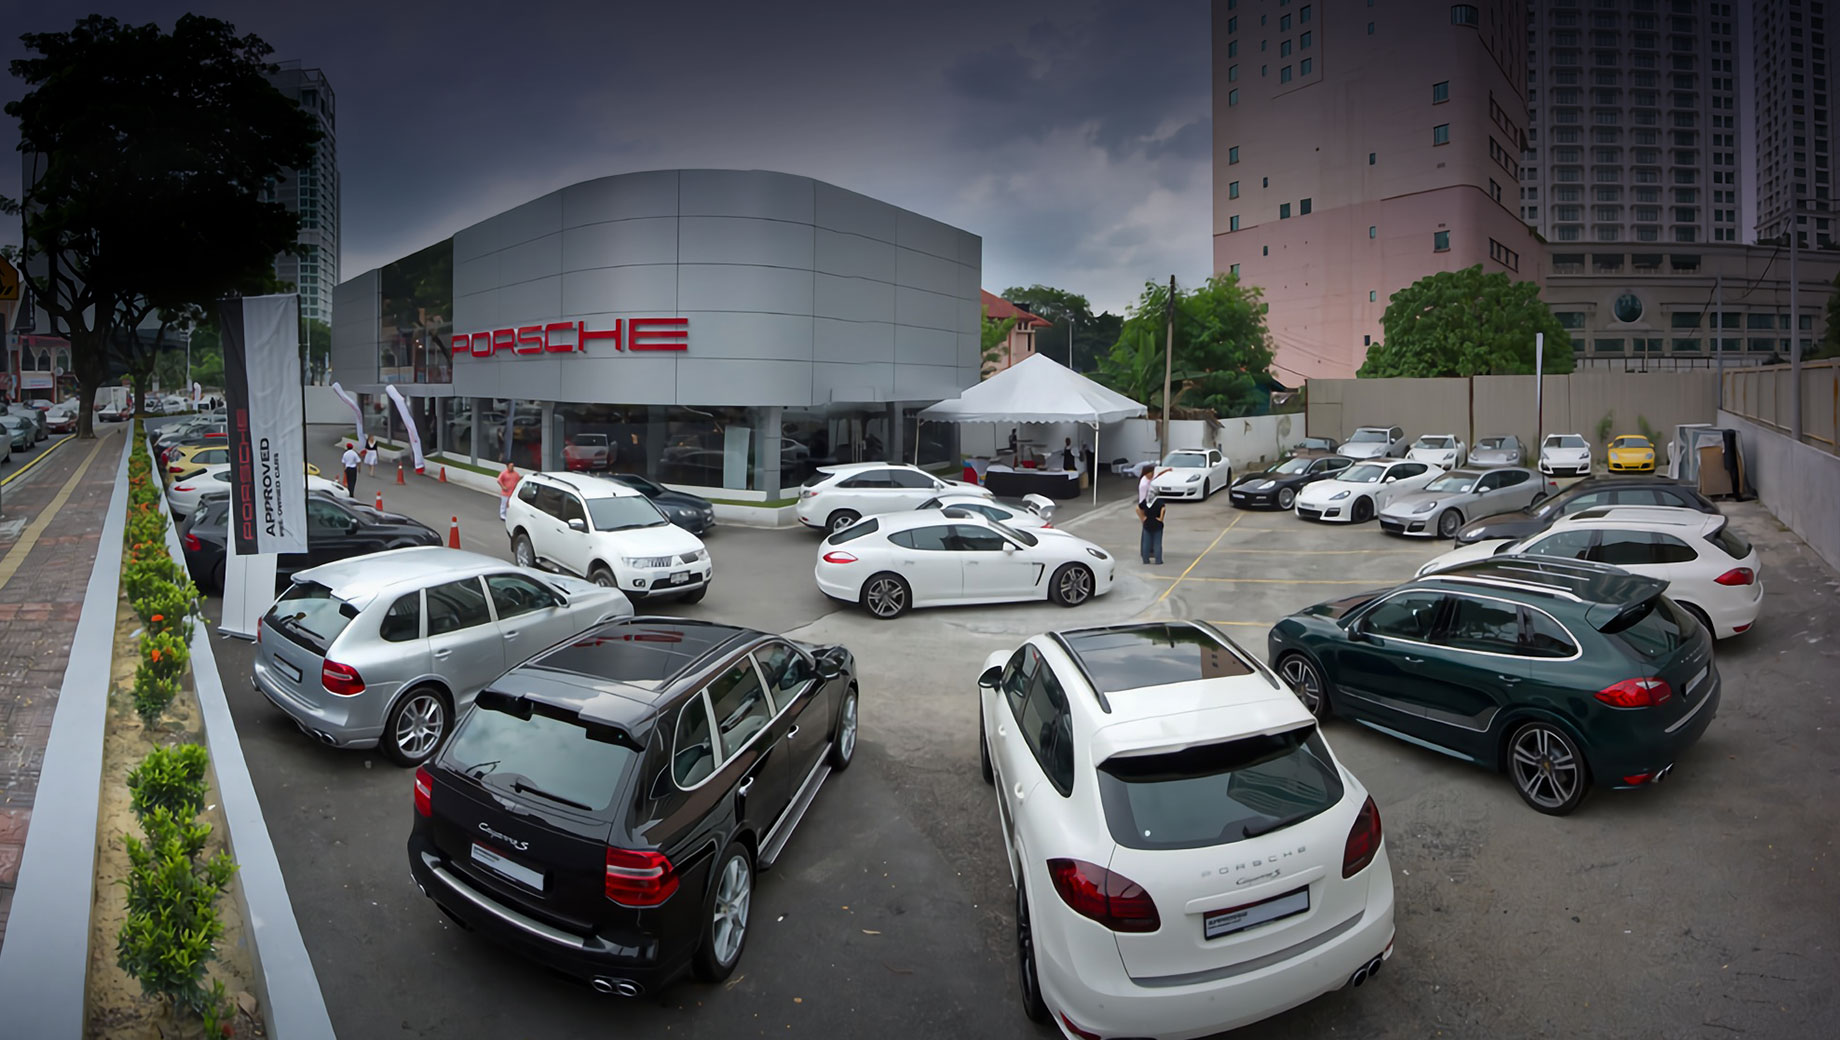 Первый завод Porsche вне Германии откроется в Малайзии